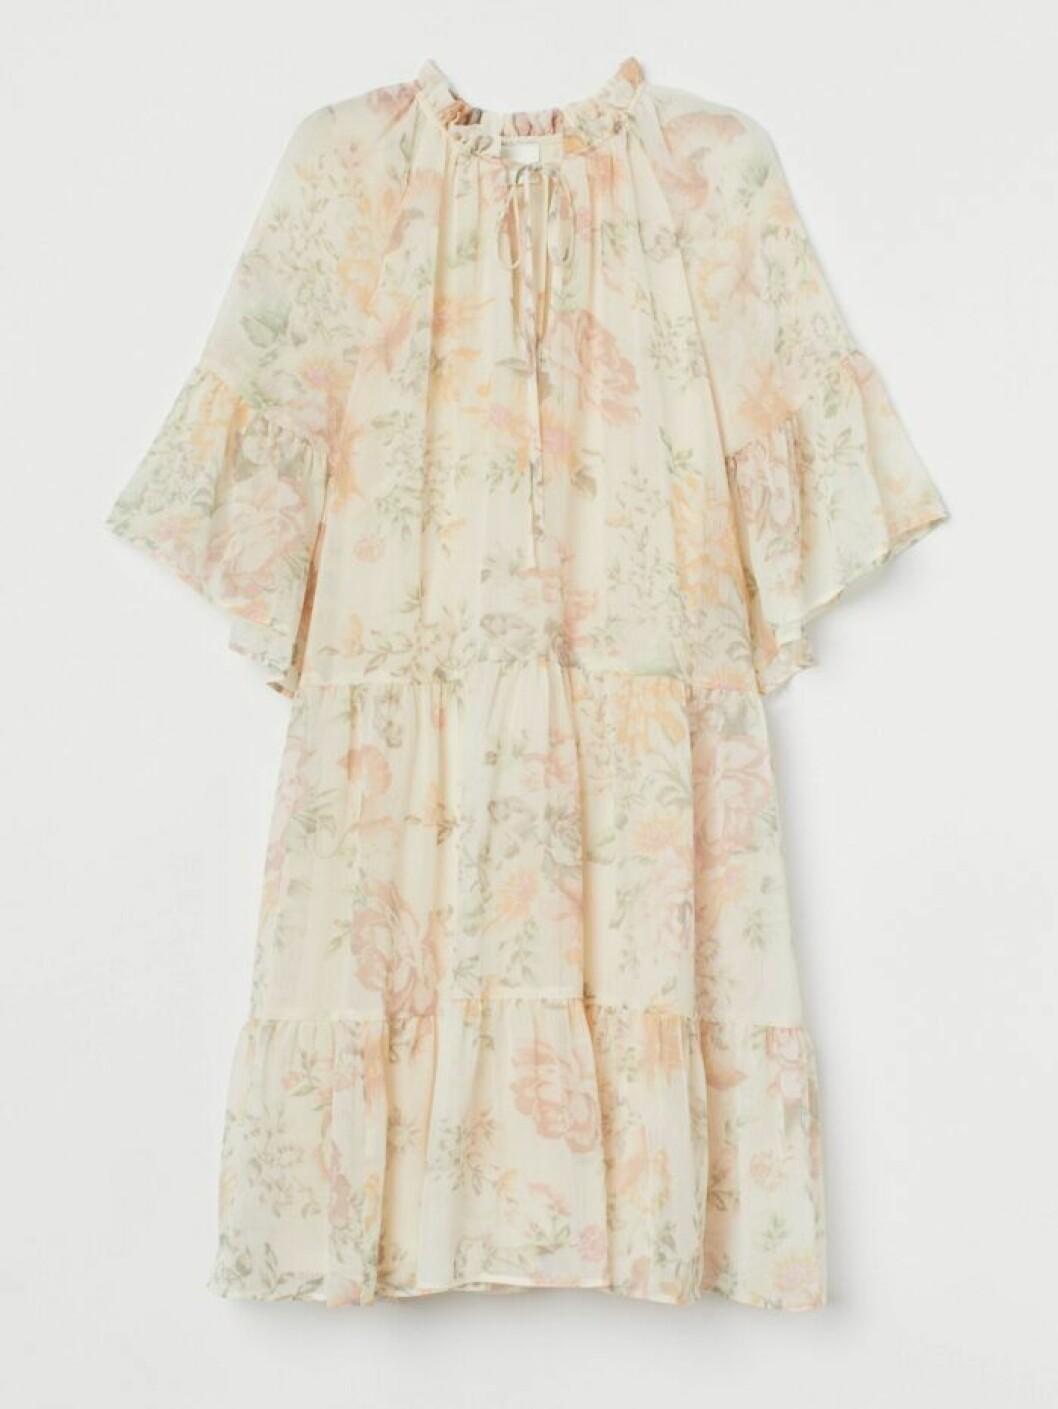 Blommig klänning med volanger till midsommar 2020